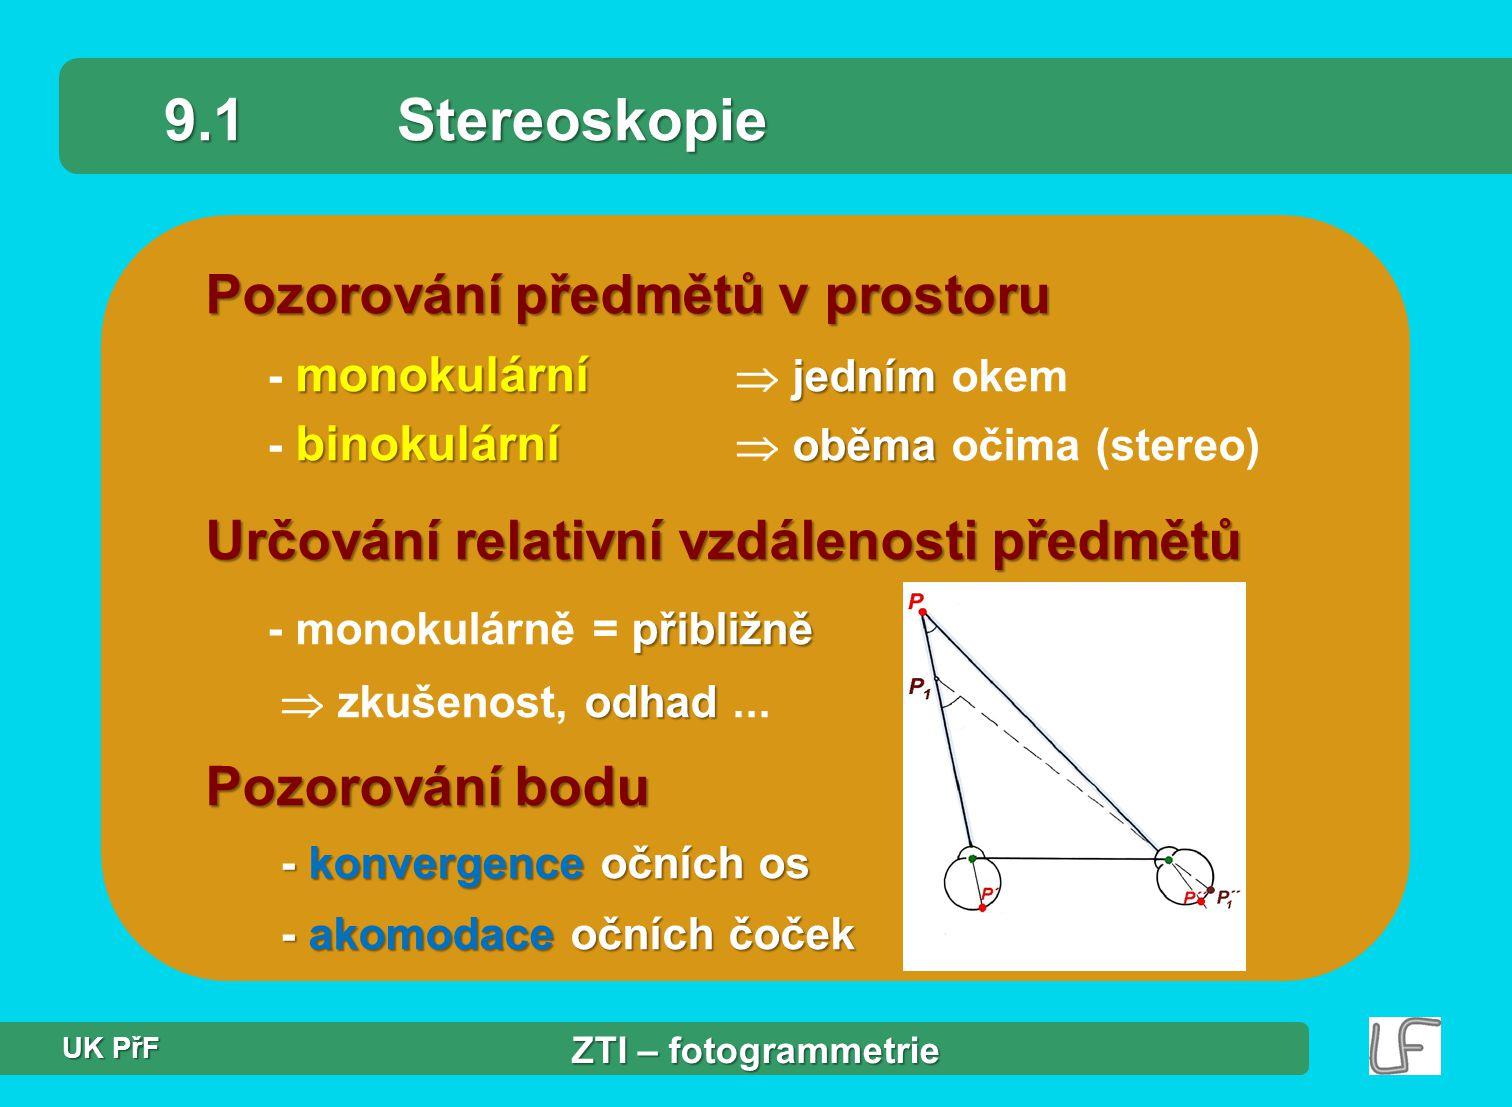 Pozorování předmětů v prostoru monokulární jedním binokulární oběma - monokulární  jedním okem - binokulární  oběma očima (stereo) 9.1Stereoskopie Určování relativní vzdálenosti předmětů přibližně - monokulárně = přibližně odhad  zkušenost, odhad...